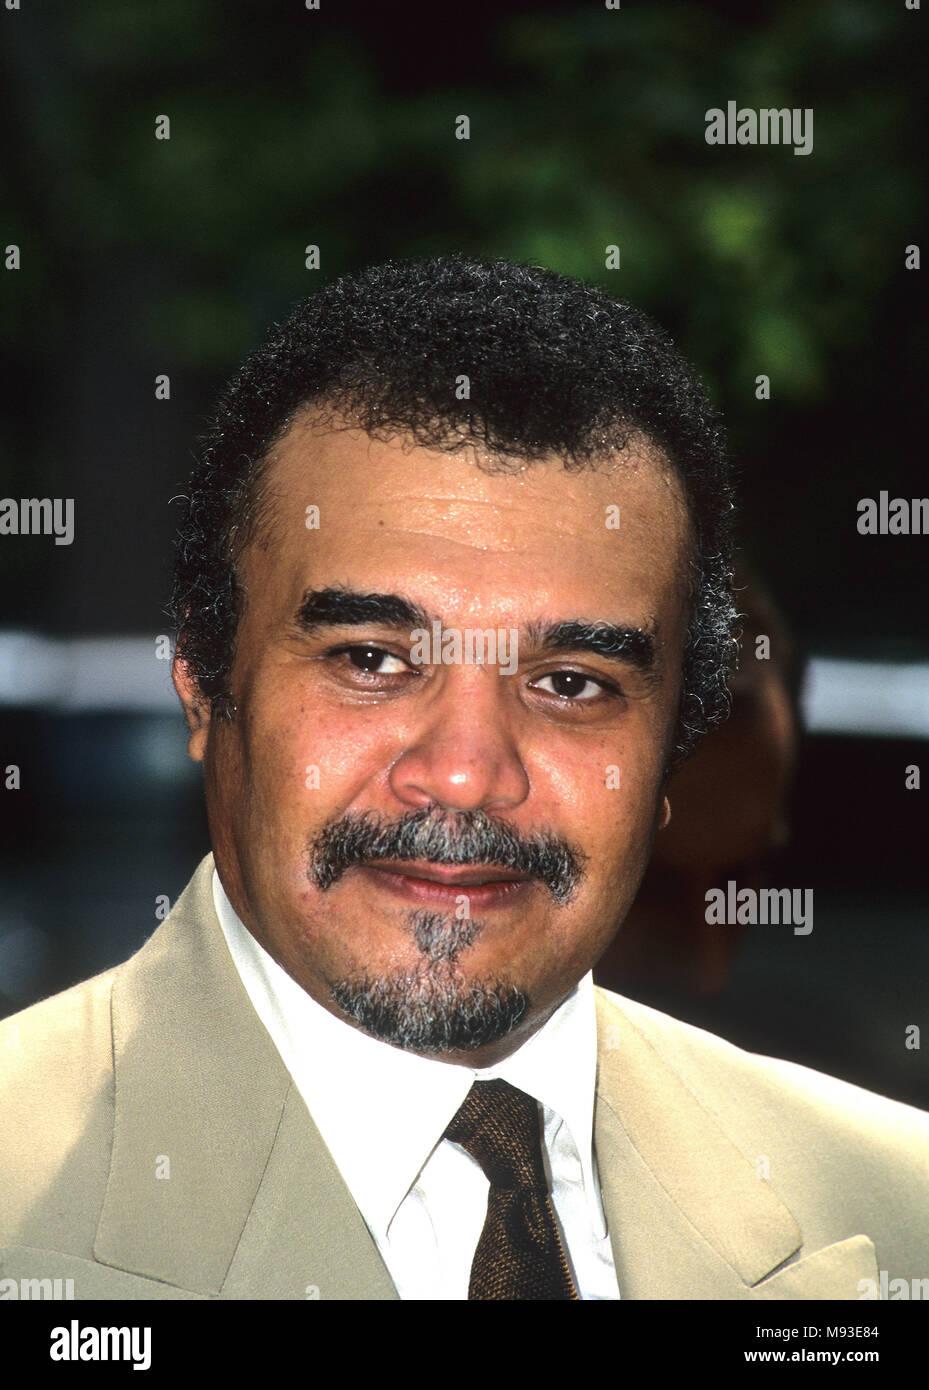 Saudi Ambassador Stock Photos & Saudi Ambassador Stock